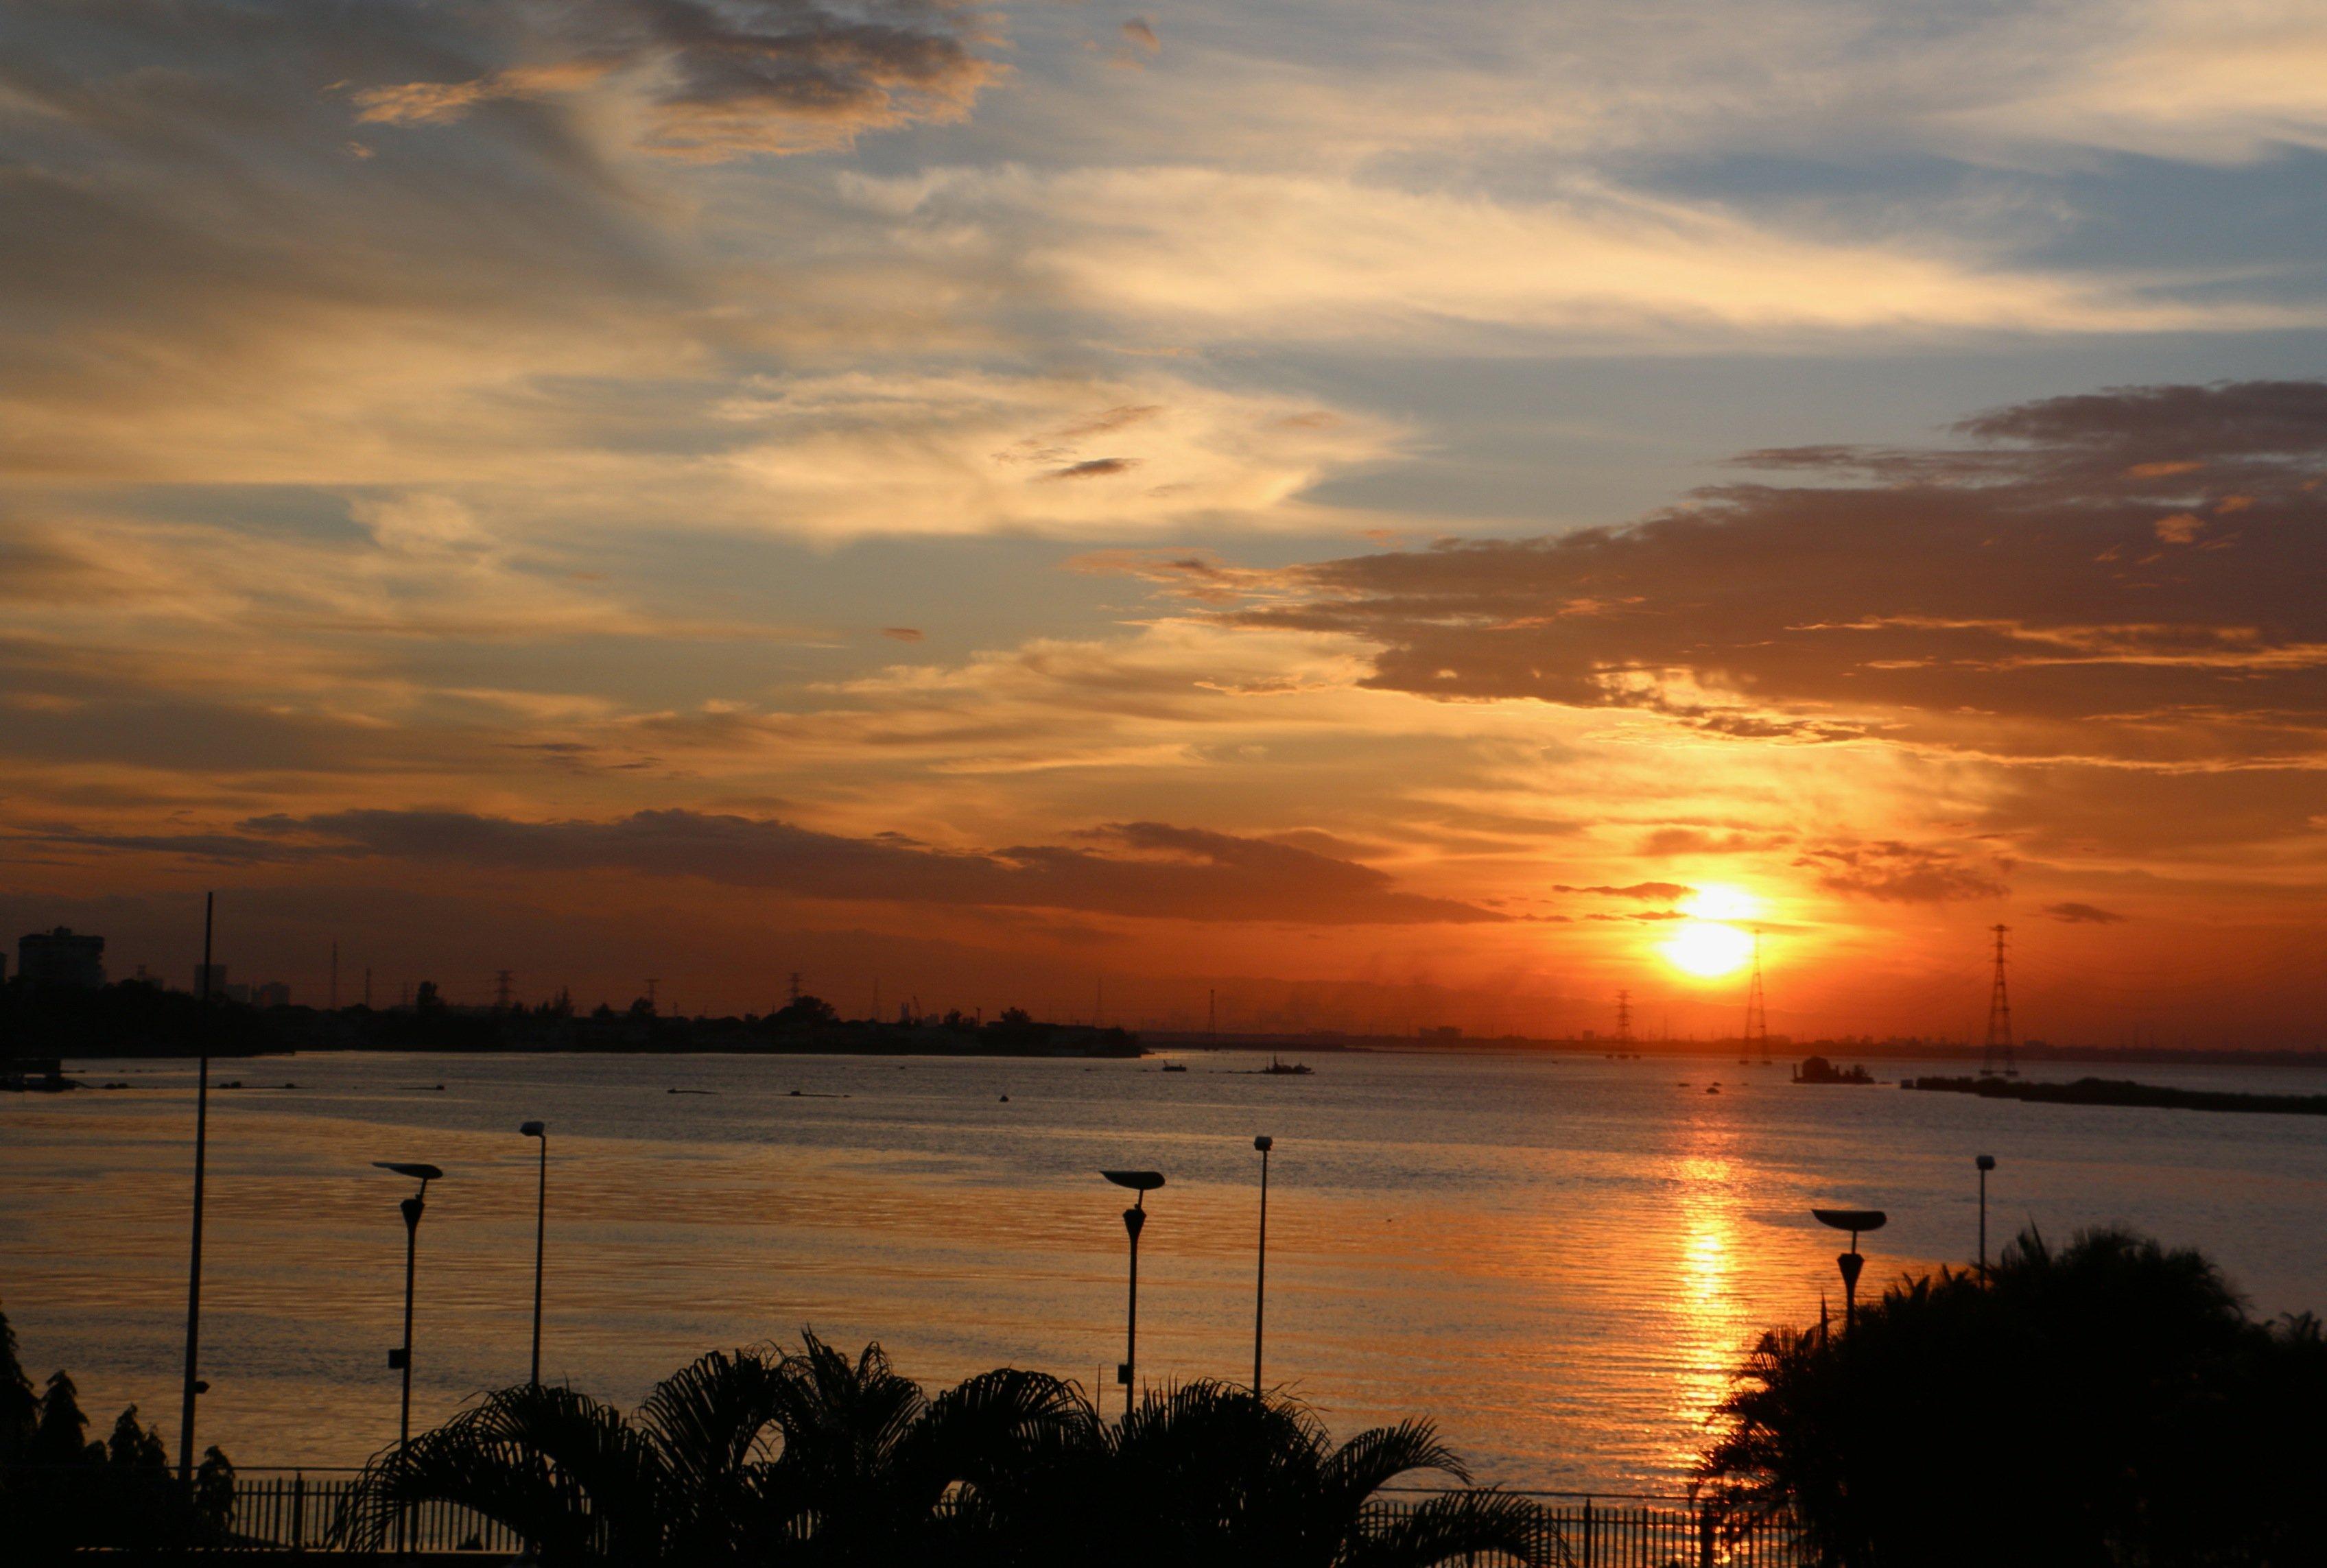 Coucher du soleil sur la lagune lagos nigeria - Heure de coucher du soleil 2015 ...